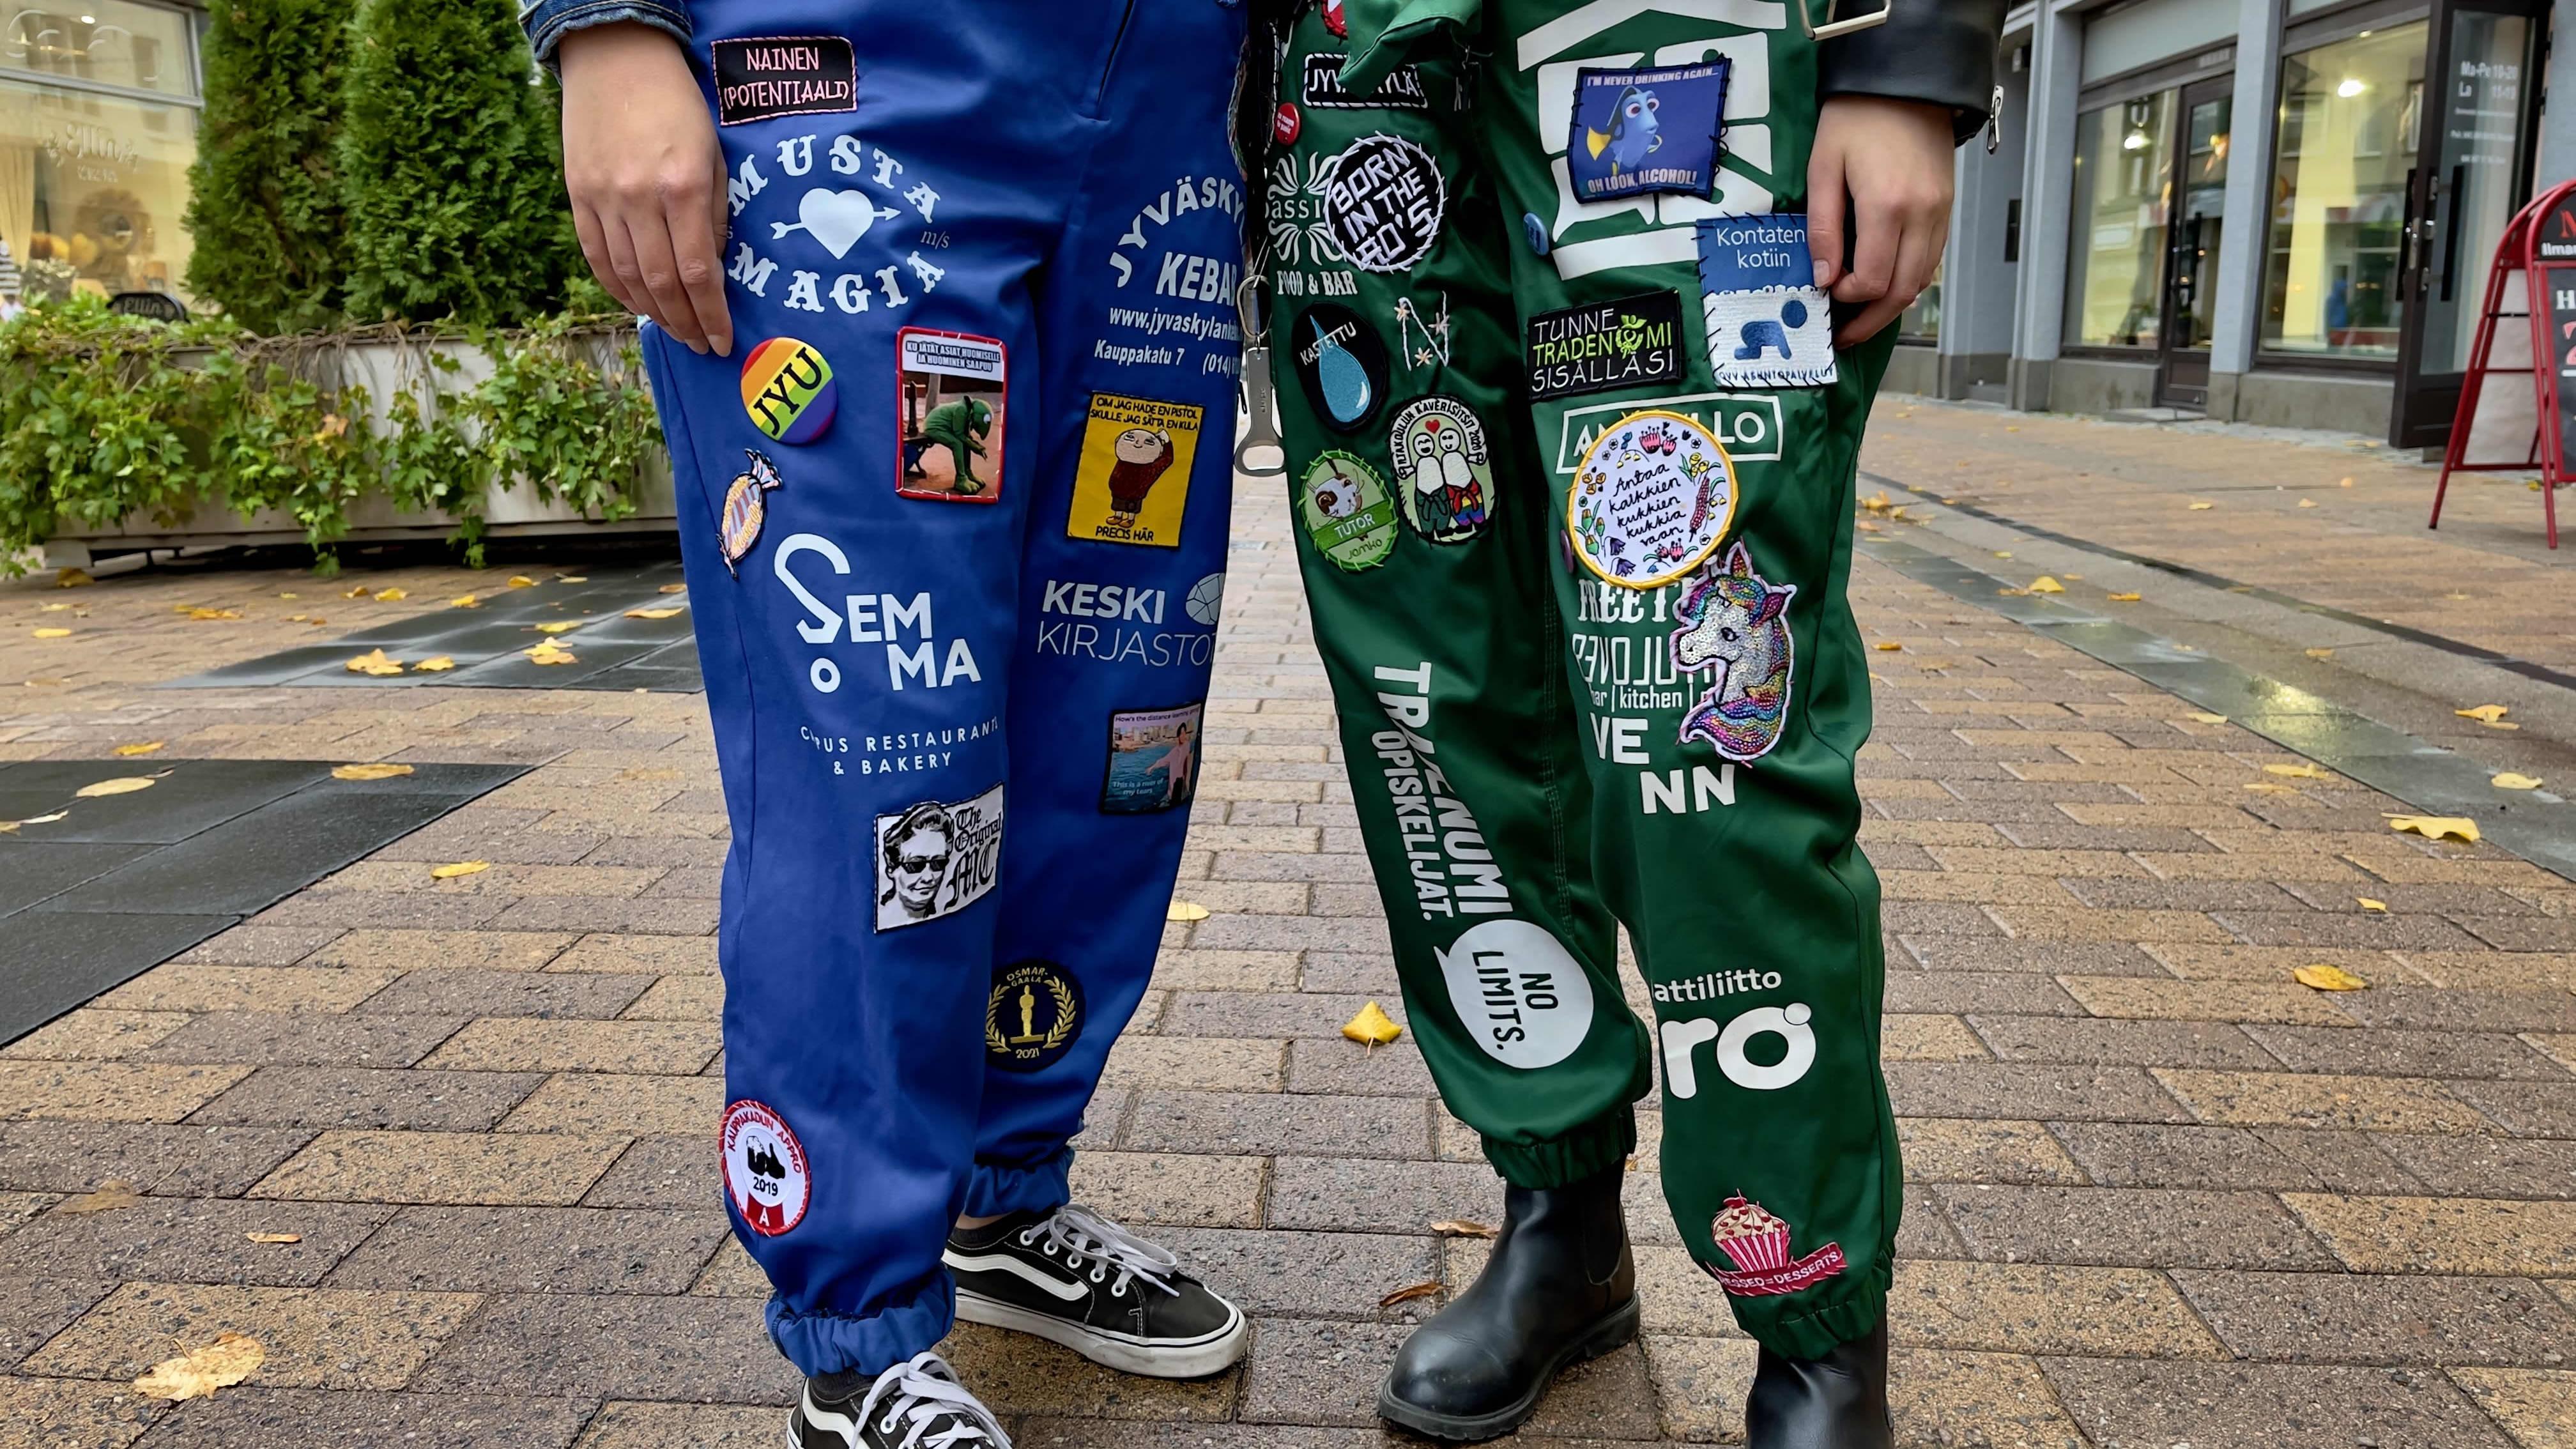 Kaksi opiskelijaa seisoo kadulla, toisella sininen haalari ja toisella vihreä. Molemmissa paljon merkkejä.